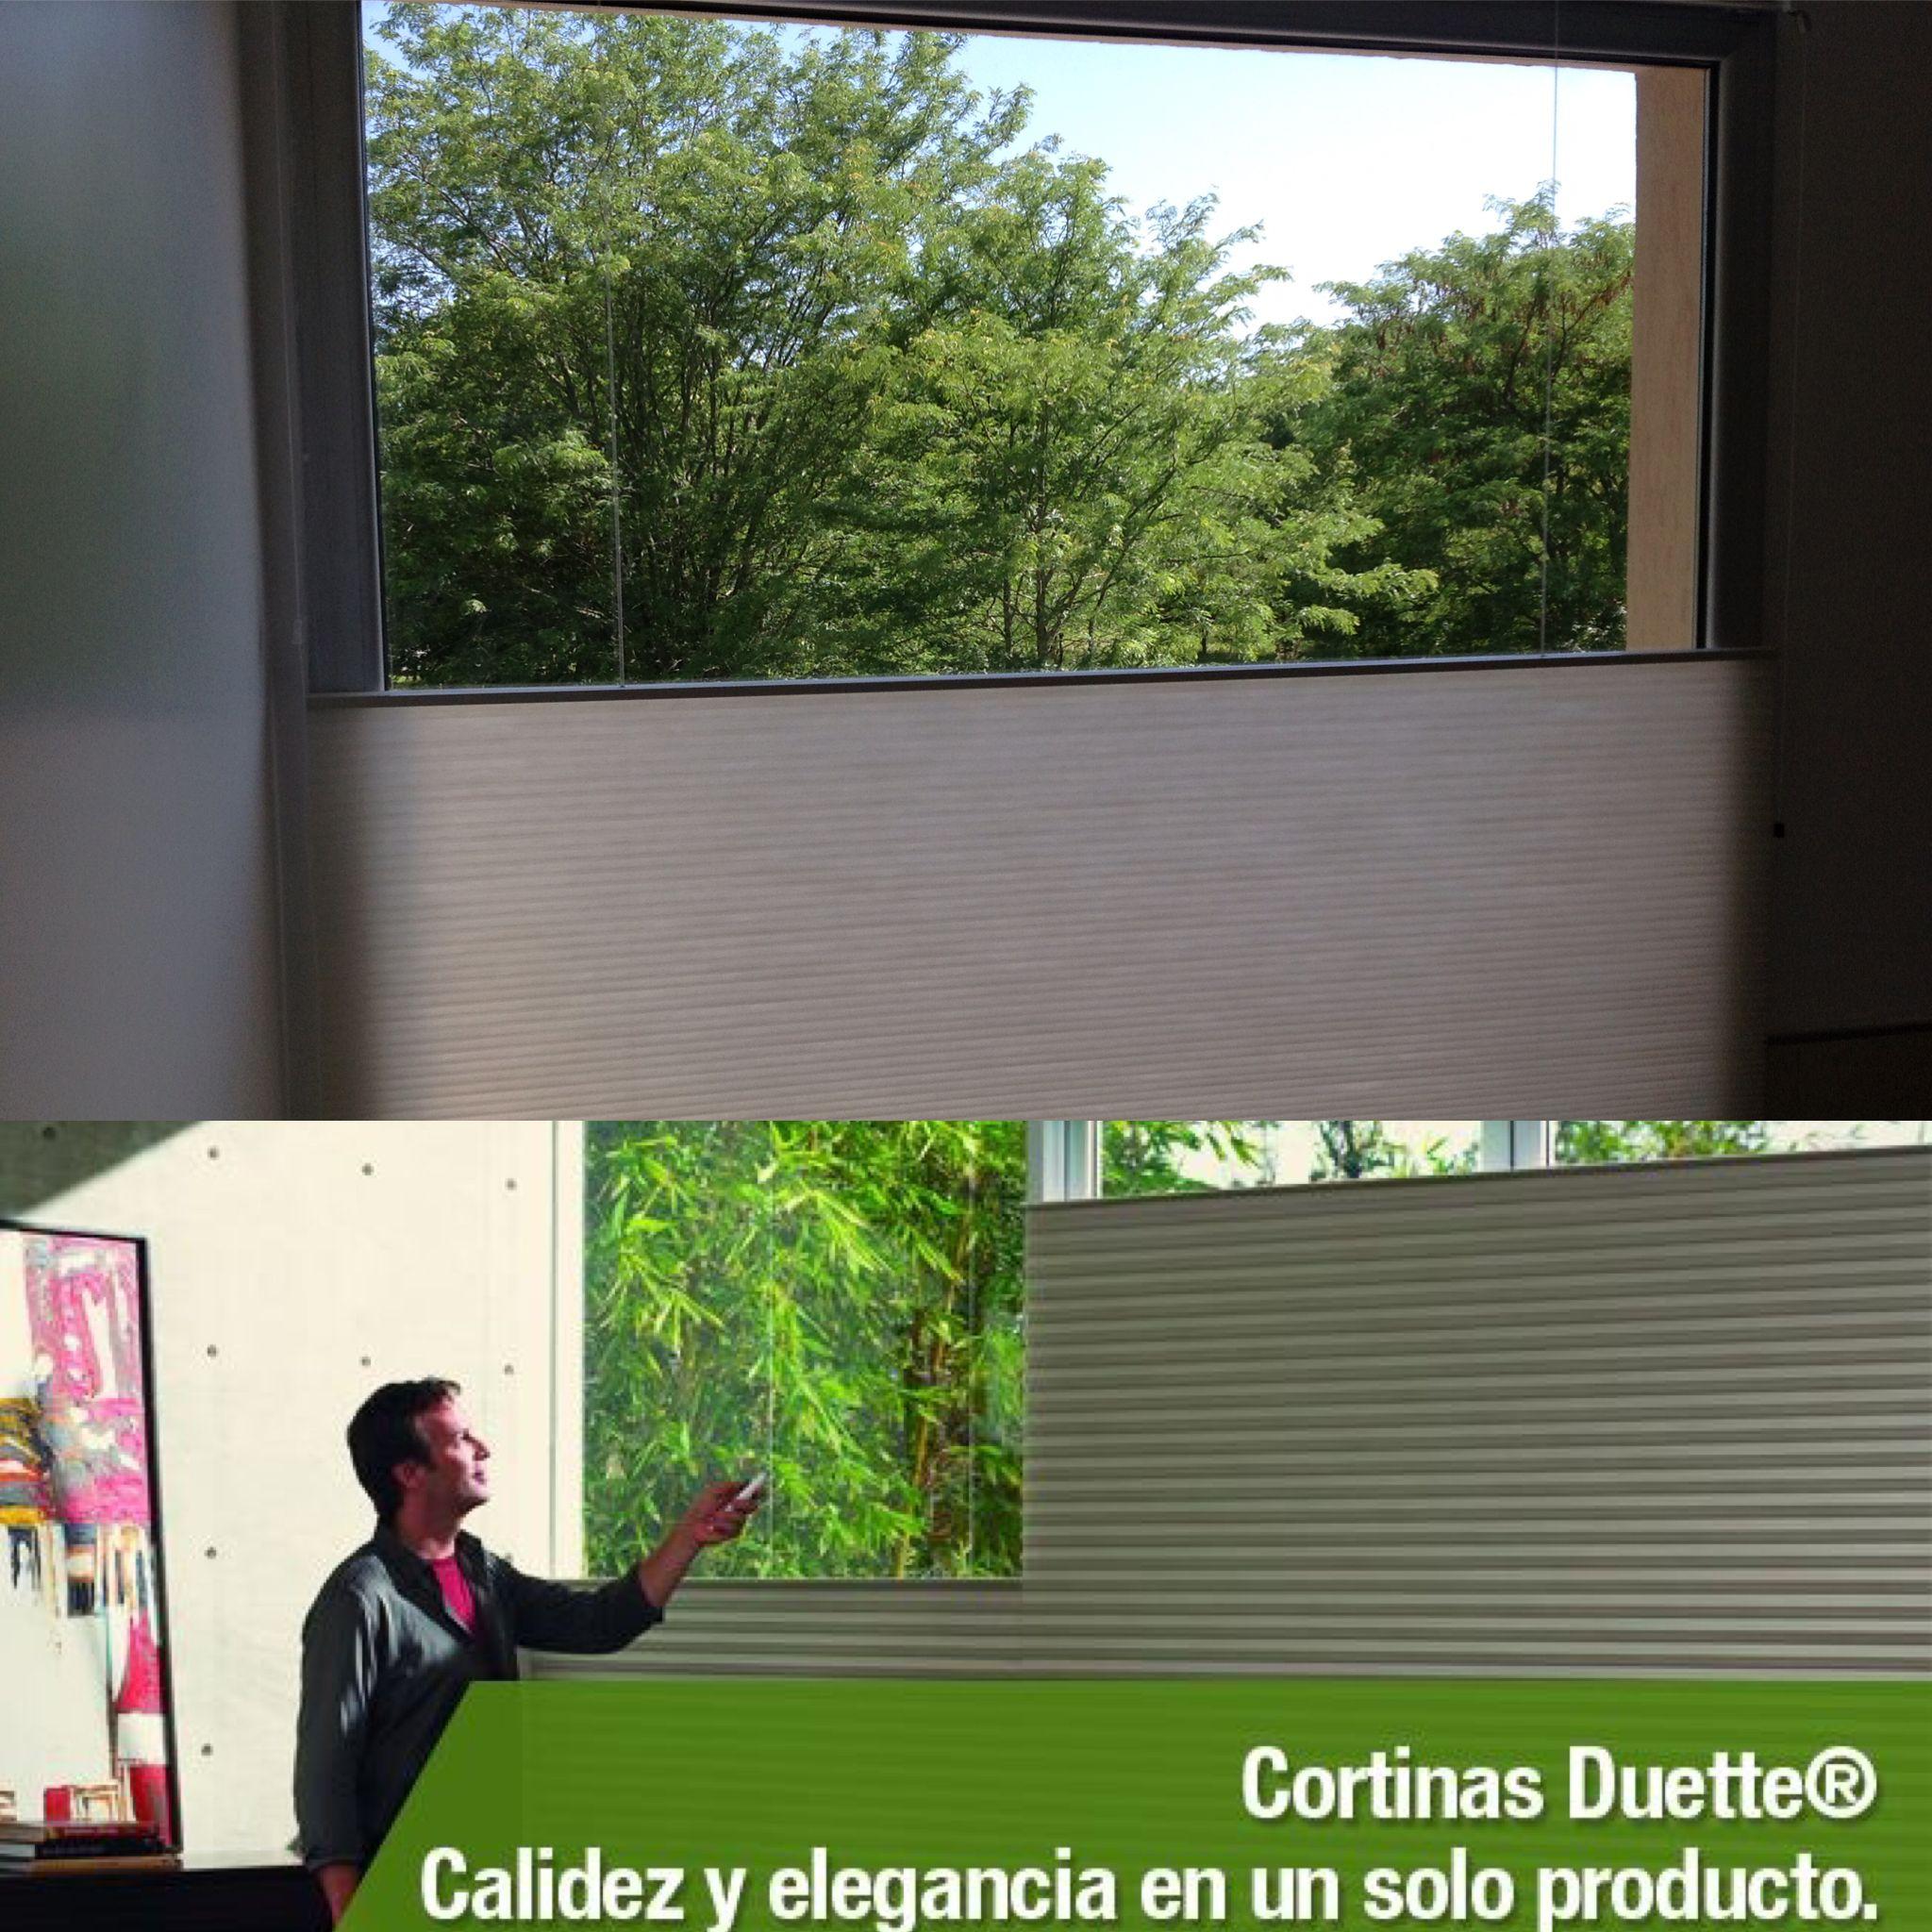 Cortinas Duette HunterDouglas por Snob.Un nuevo concepto en ahorro de energia te esperamos en nuestro Showroom con todo el asesoramiento profesional. Contacto snobcortinas.com